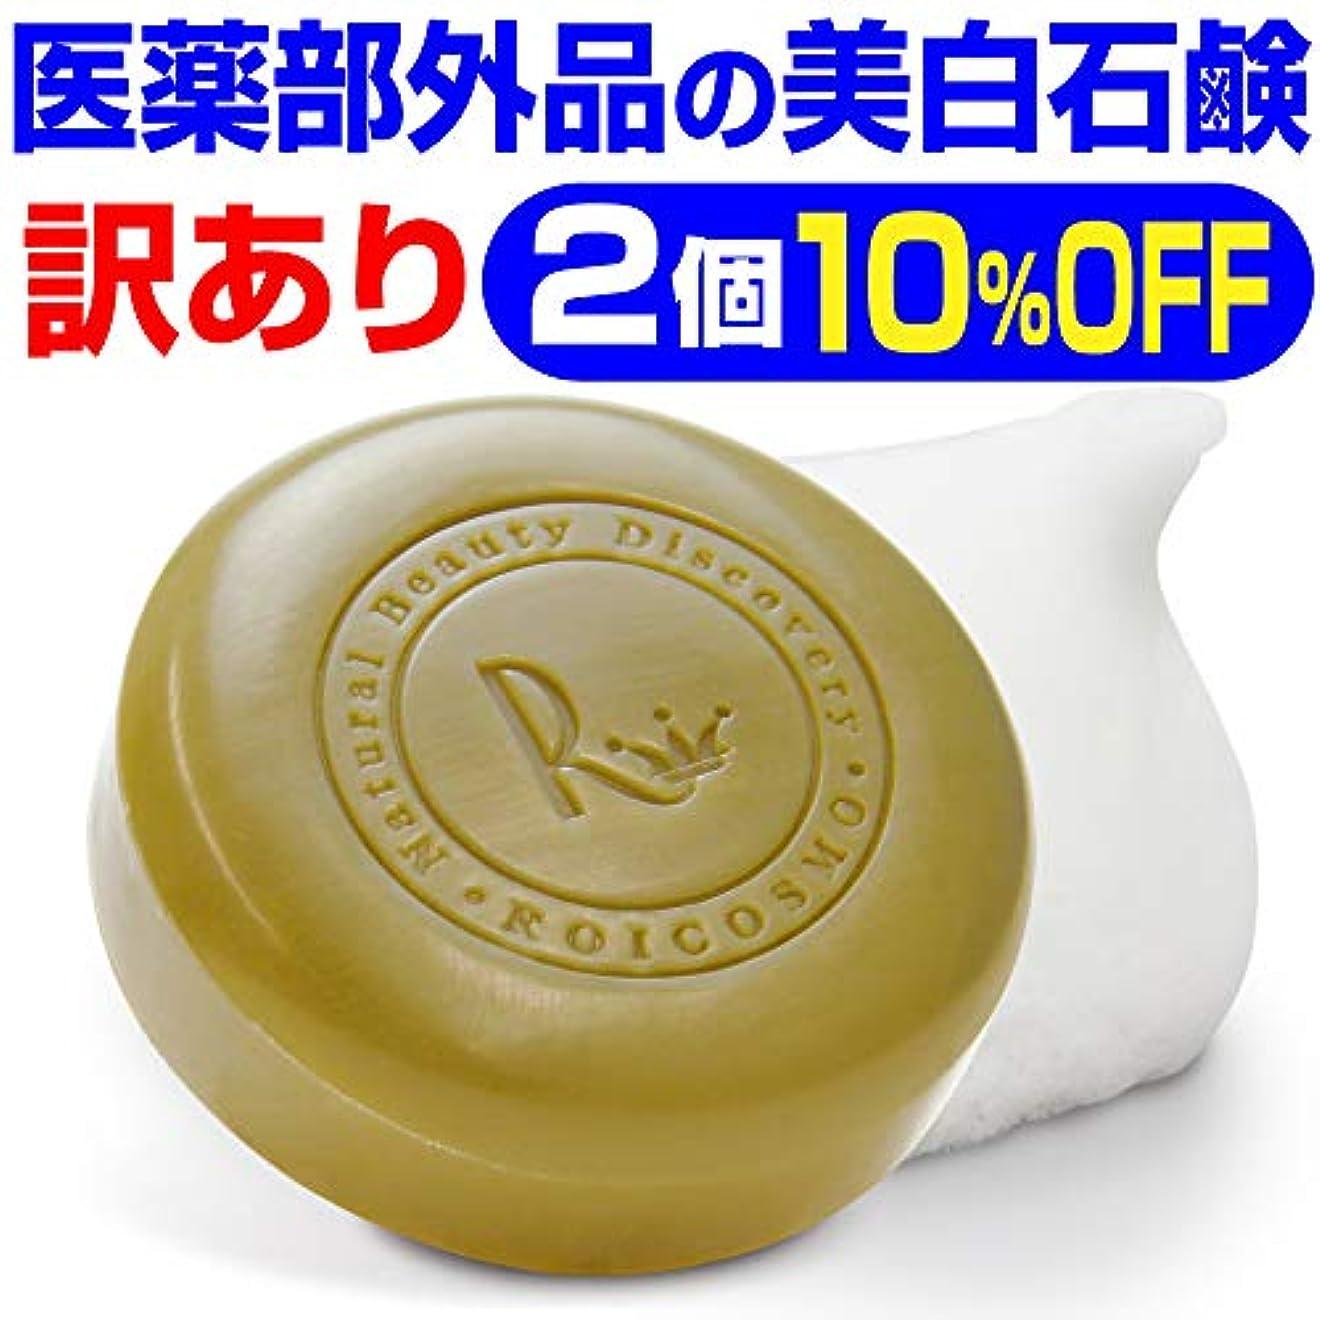 選出する算術粗い訳あり10%OFF(1個2,143円)売切れ御免 ビタミンC270倍の美白成分の 洗顔石鹸『ホワイトソープ100g×2個』